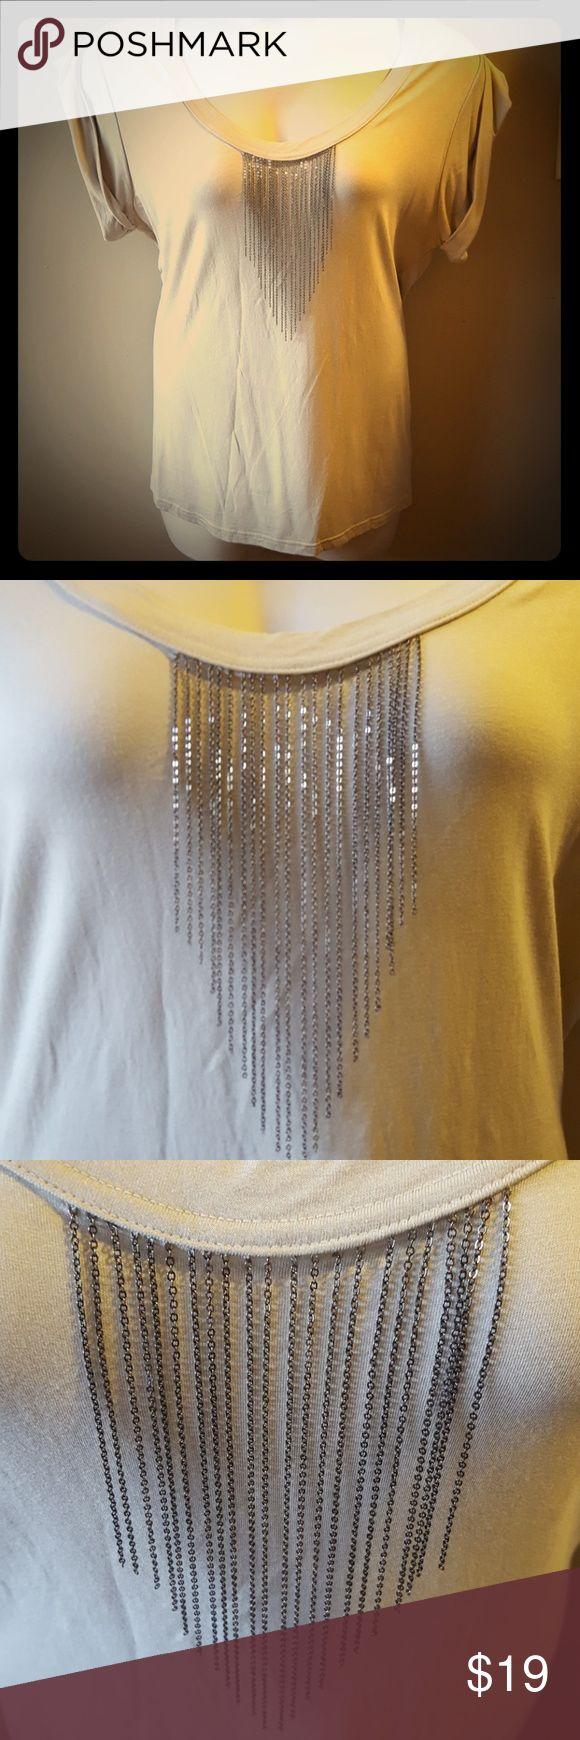 Hardware fringe blouse New York & Company cream blouse with small chain fringe. New York & Company Tops Blouses